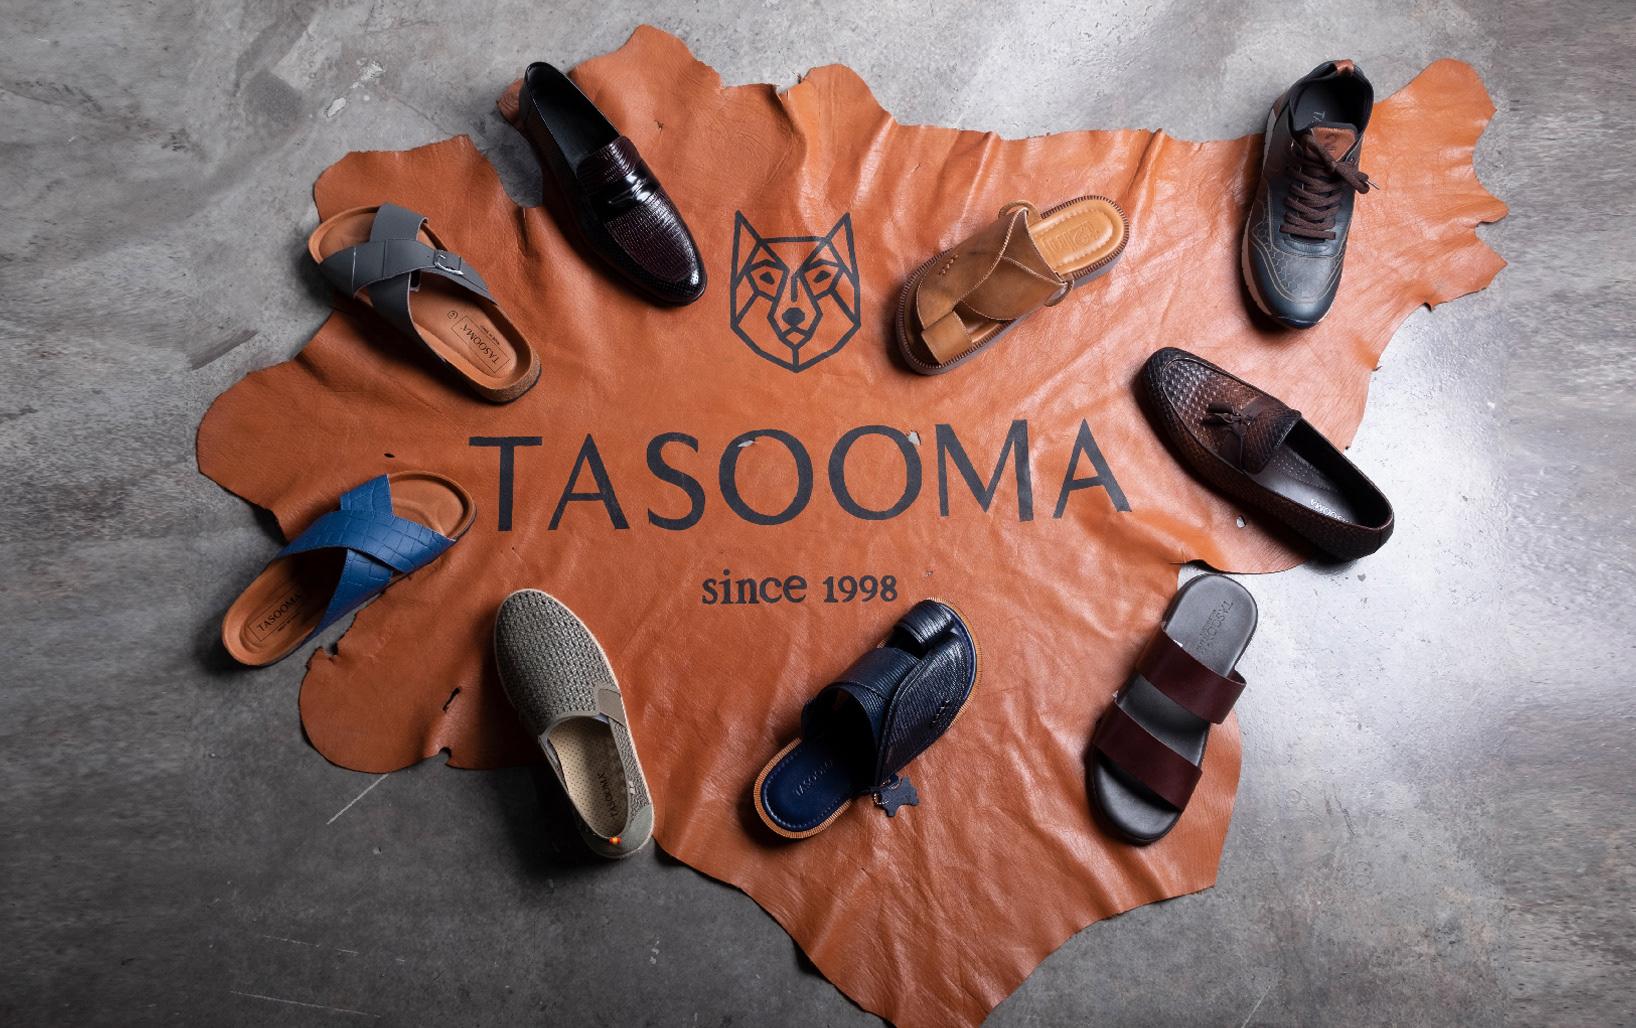 Tasooma